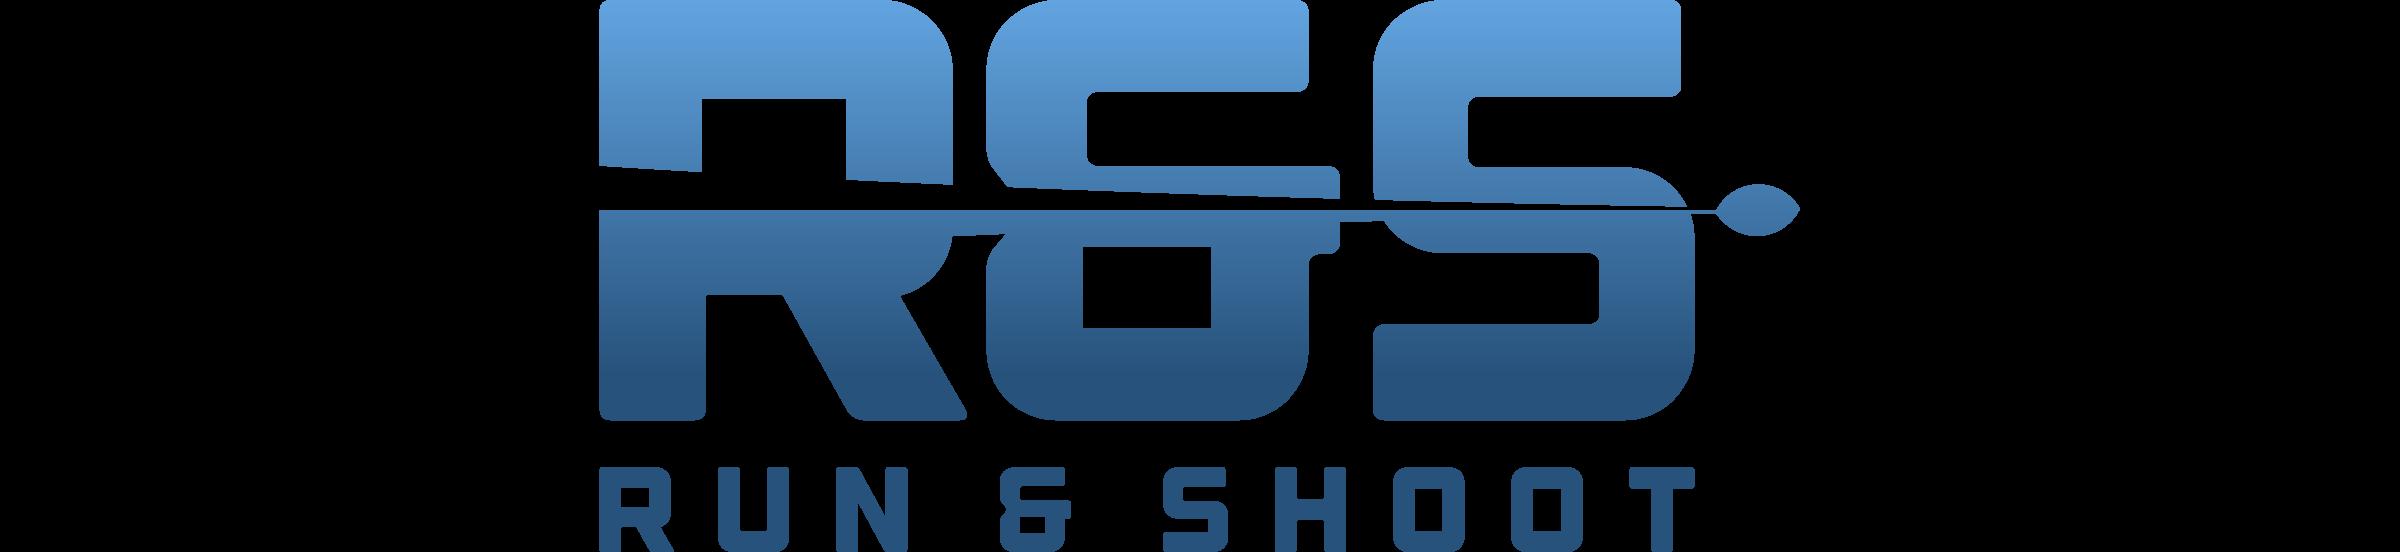 Run & Shoot Certification